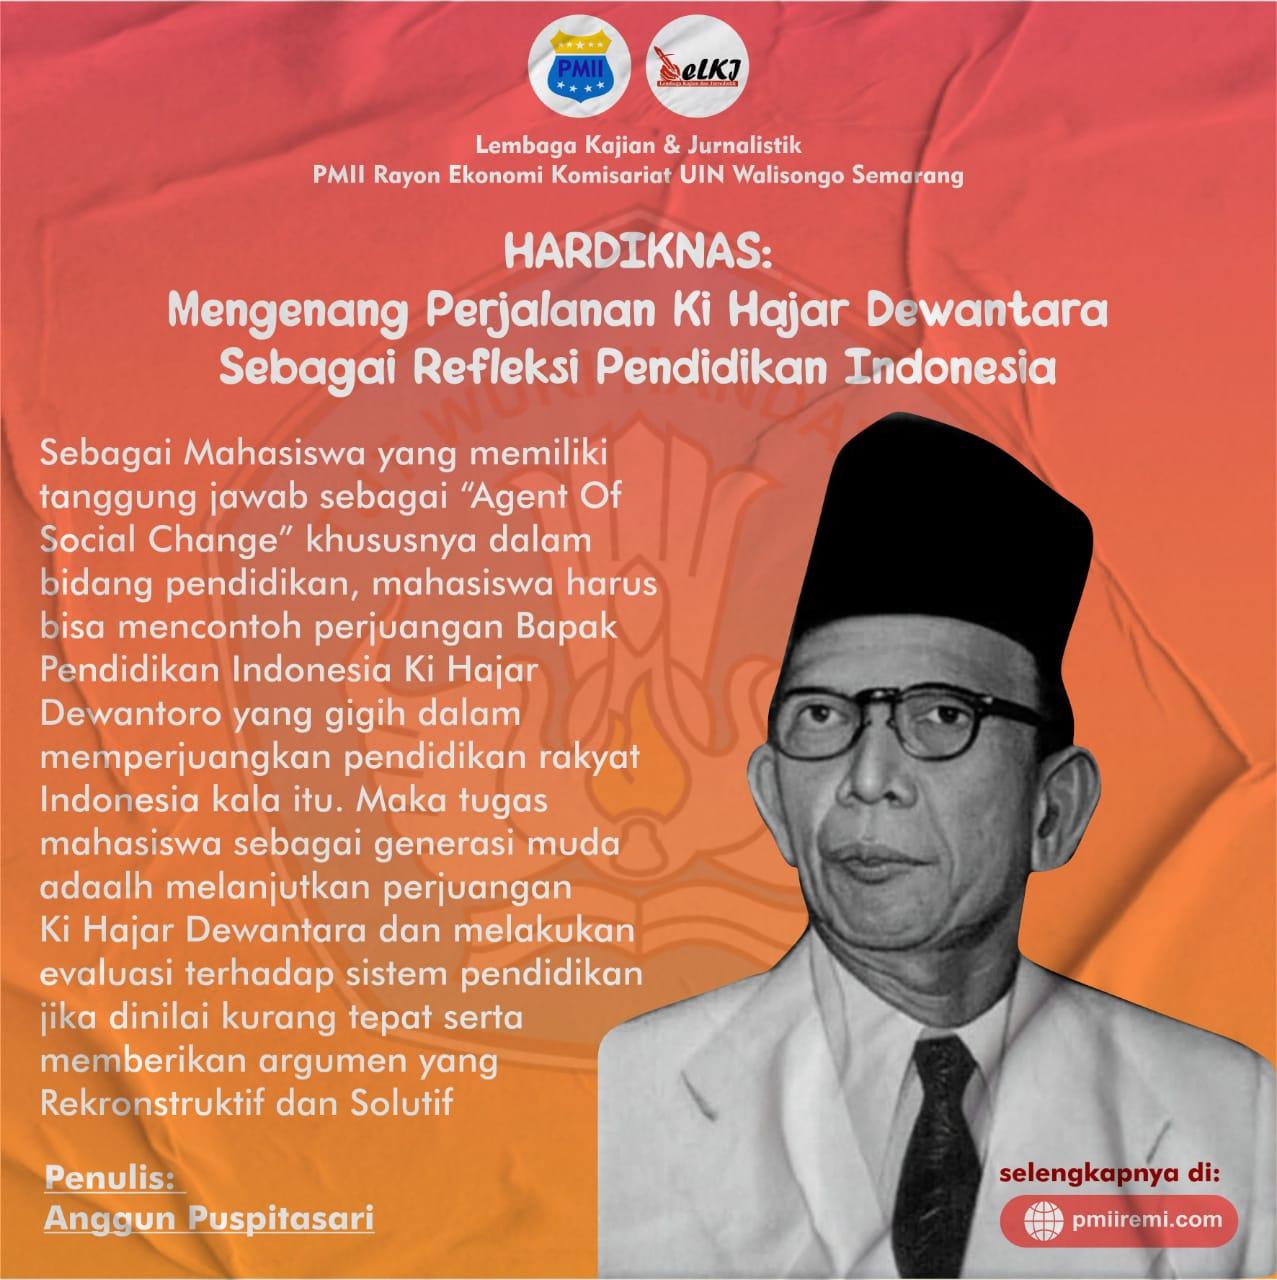 HARDIKNAS : Mengenang perjalanan Ki Hajar Dewantara  Sebagai Refleksi Pendidikan Indonesia